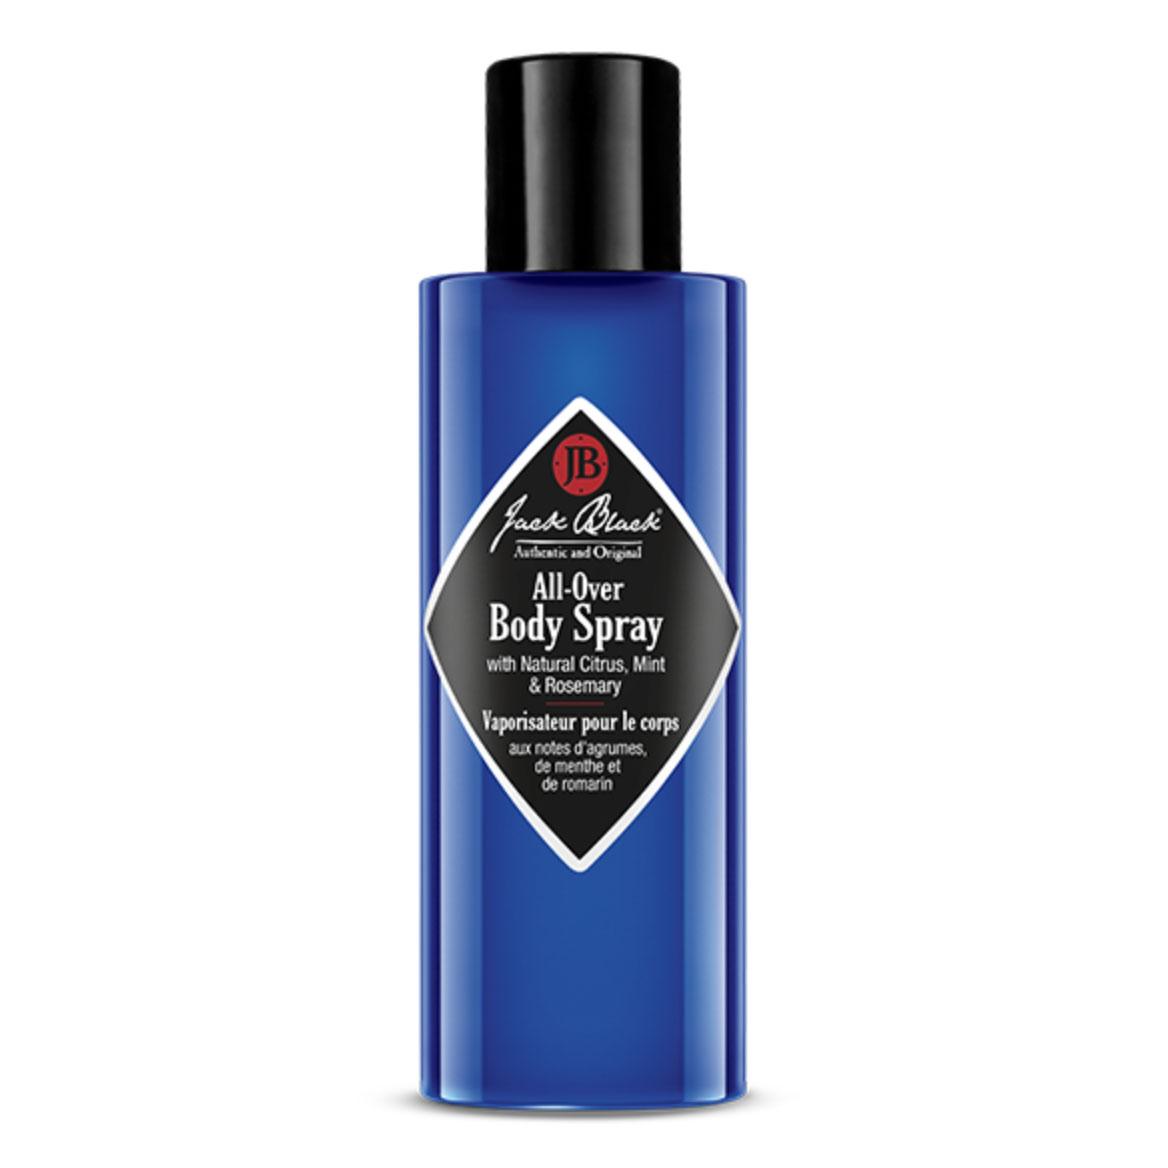 Jack Black All-Over Body Spray